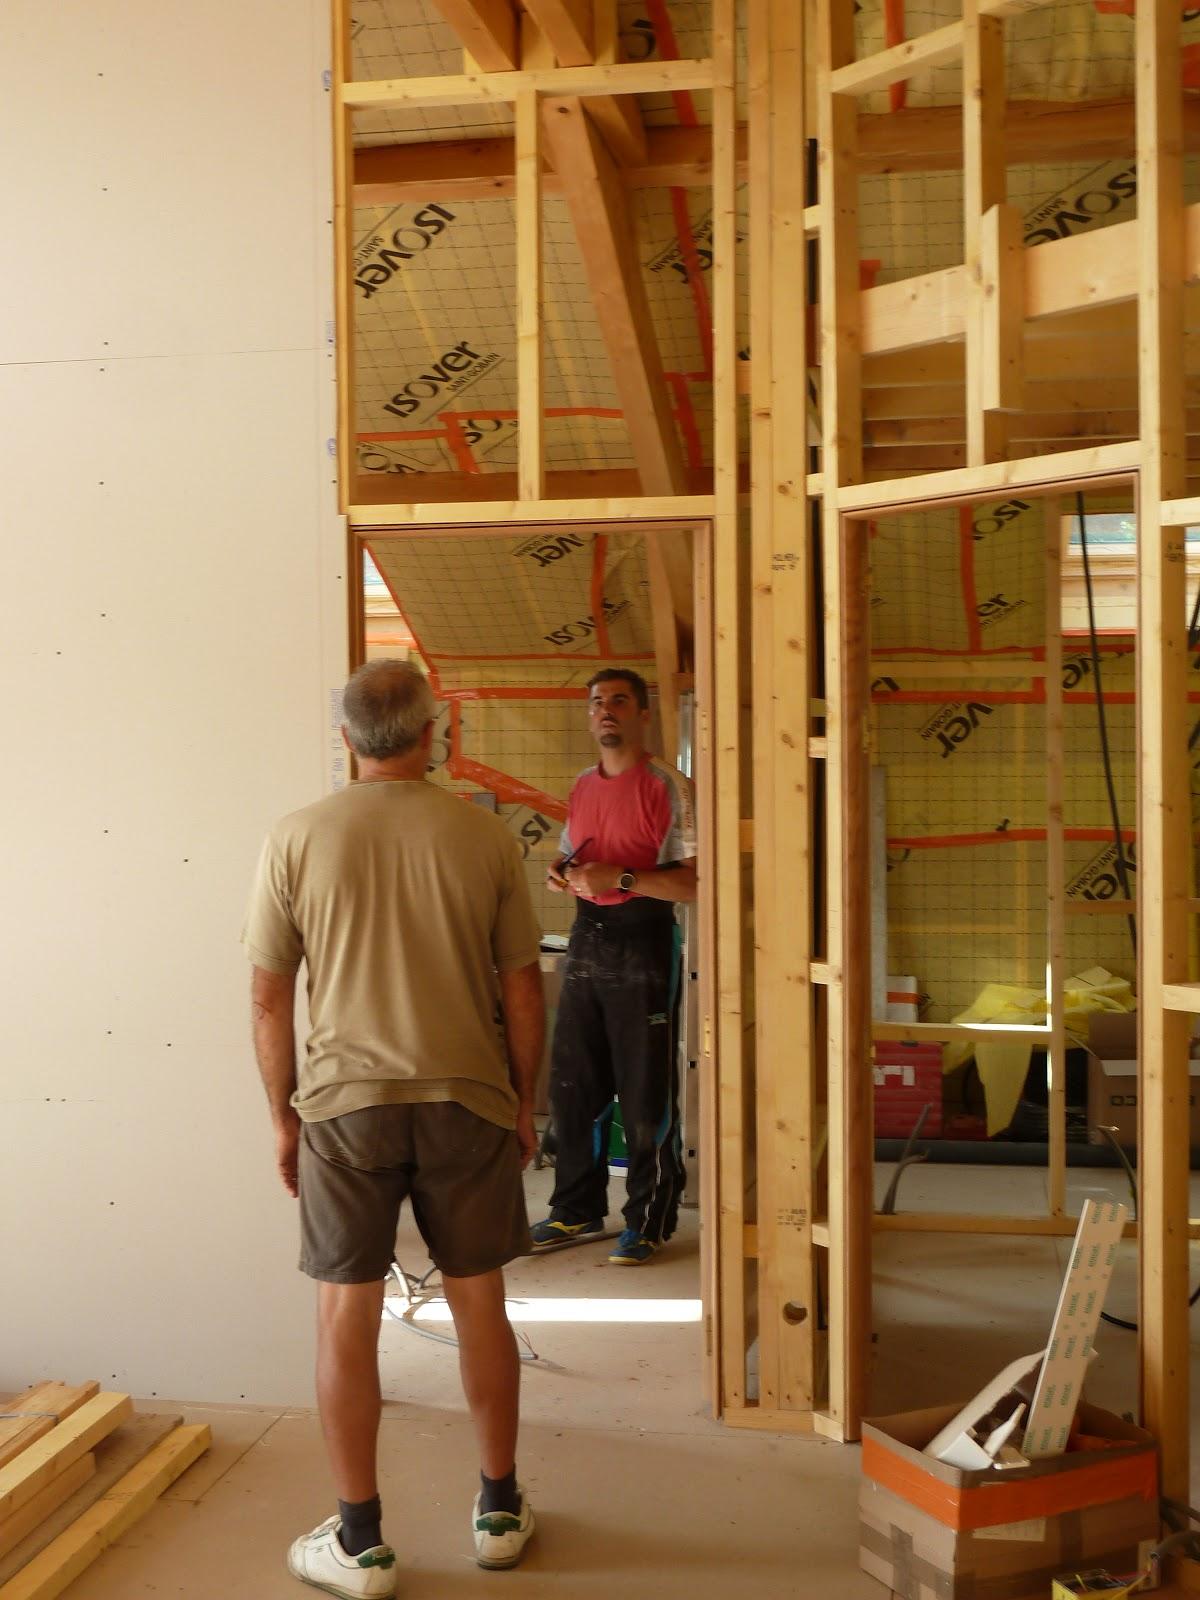 la maison de meltemetpetau allez c 39 est maintenant le tour du placo. Black Bedroom Furniture Sets. Home Design Ideas